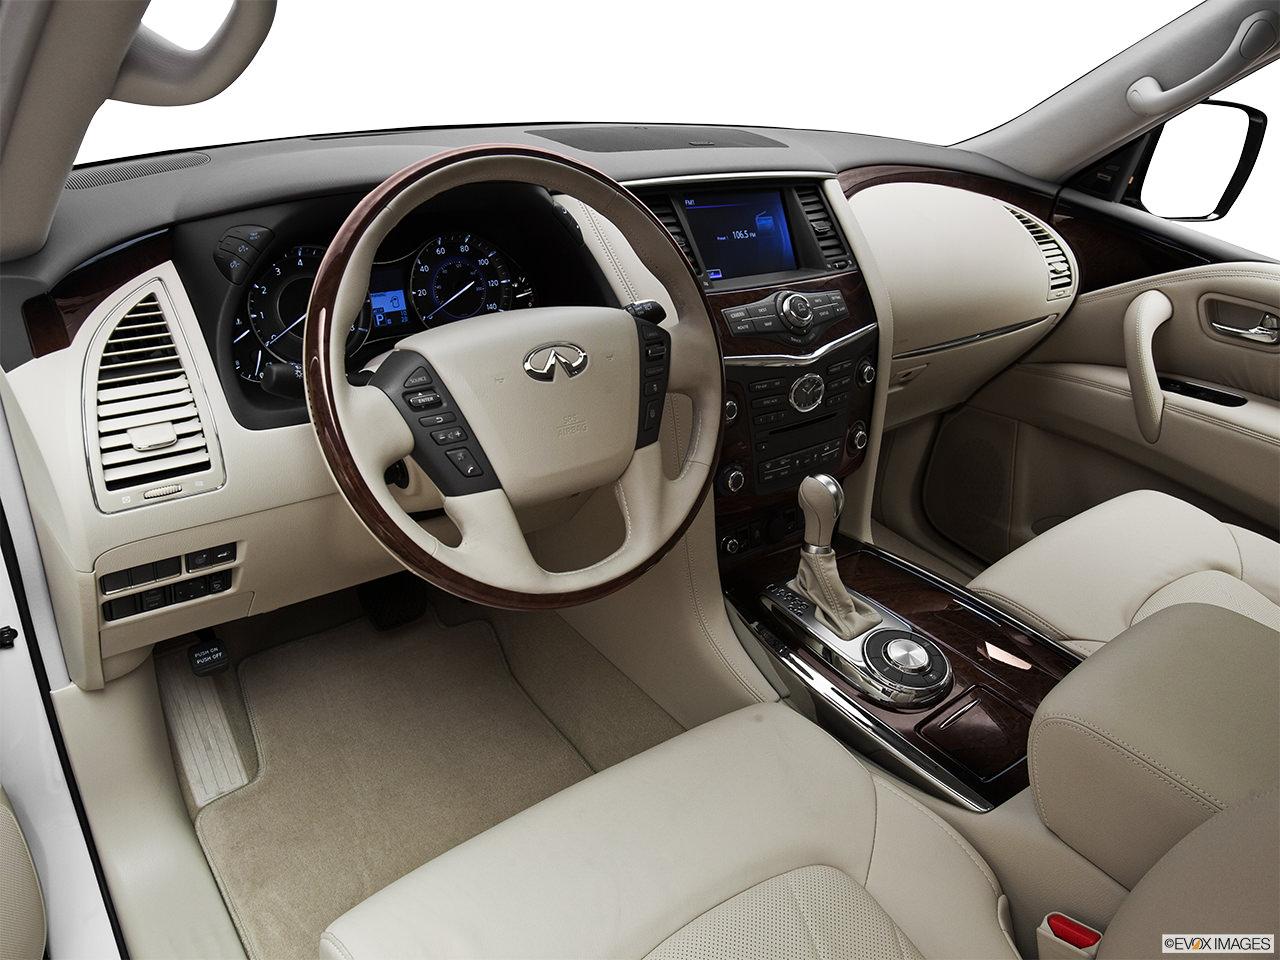 Infiniti Qx56 2012 interior